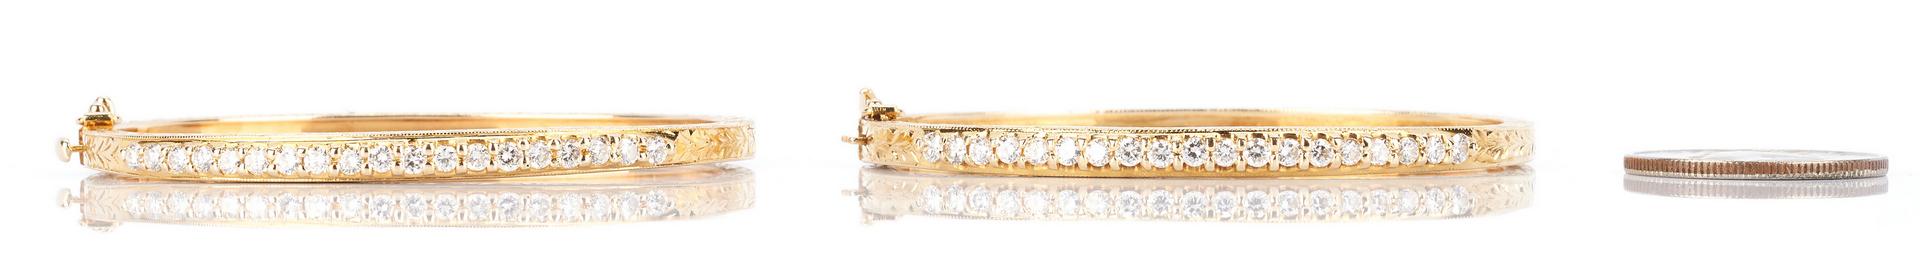 Lot 218: 2 14K Gold and Diamond Bracelets